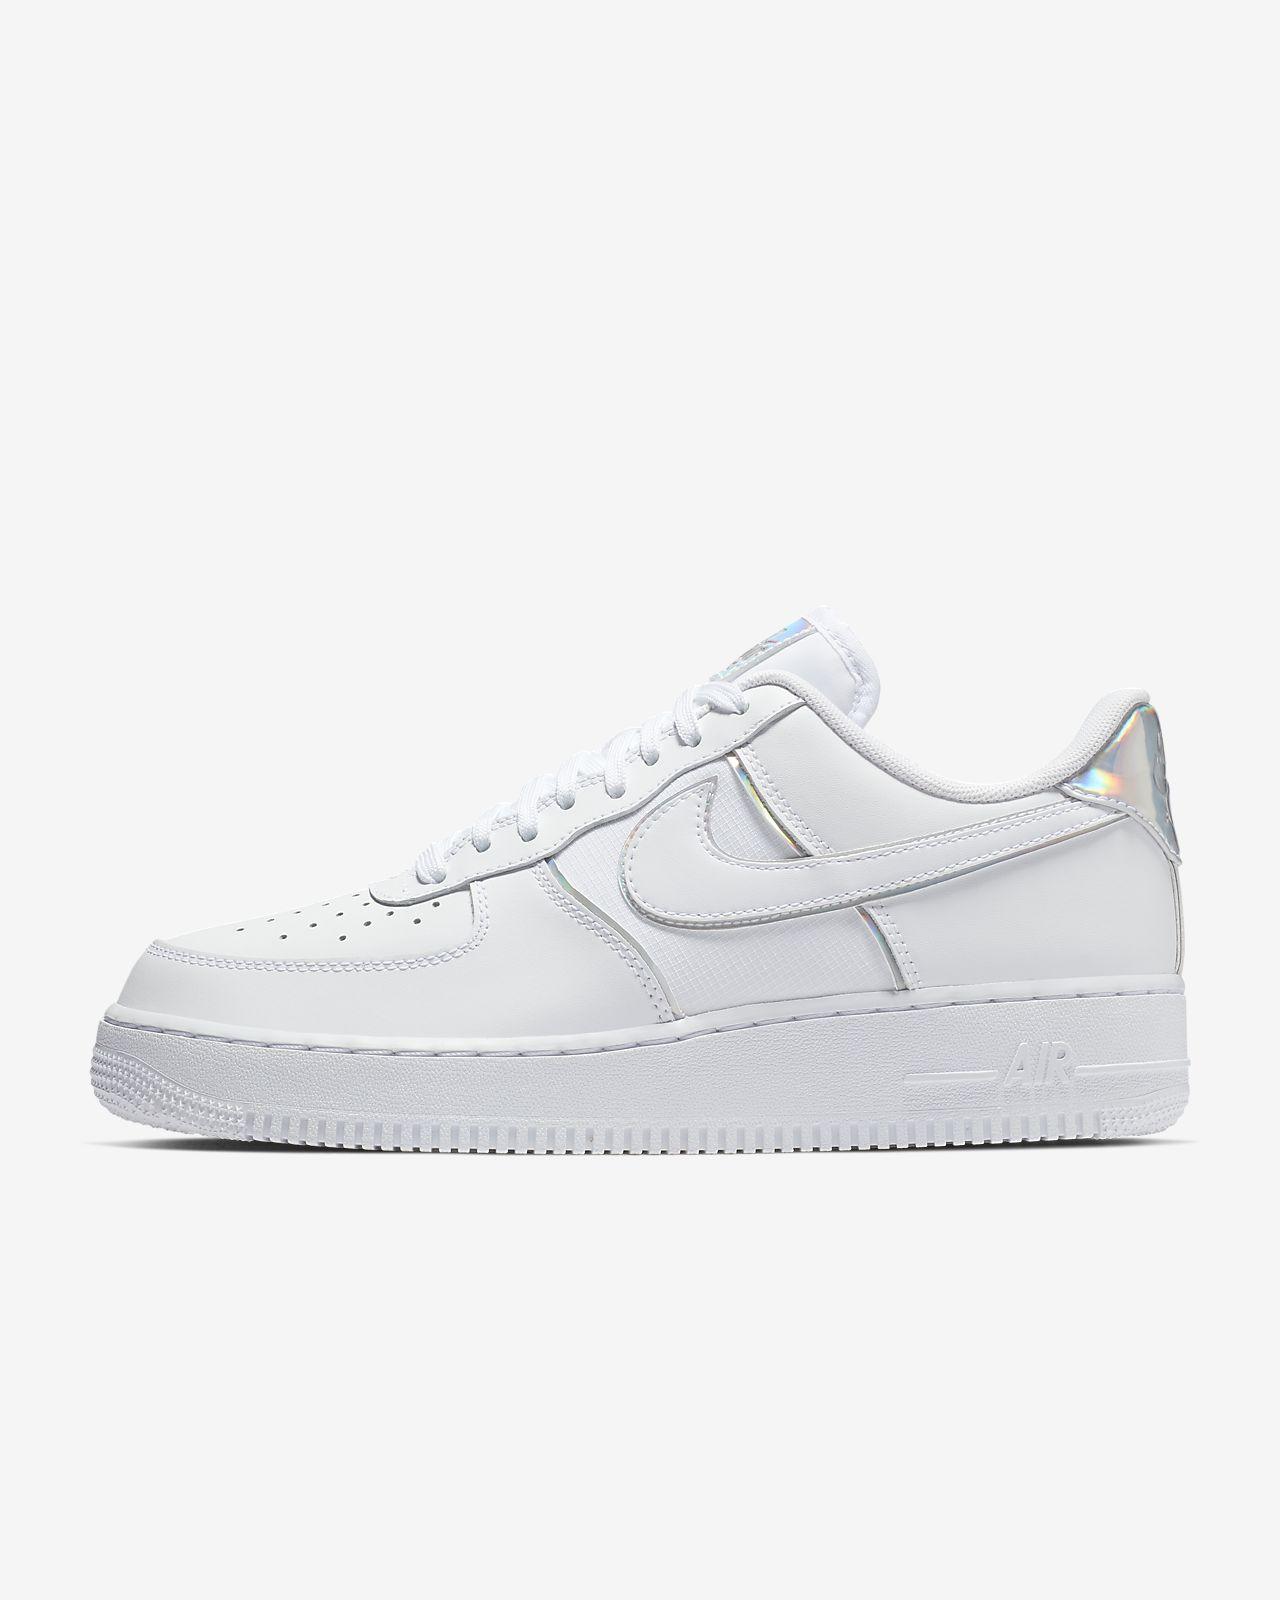 รองเท้าผู้ชาย Nike Air Force 1 '07 LV8 4